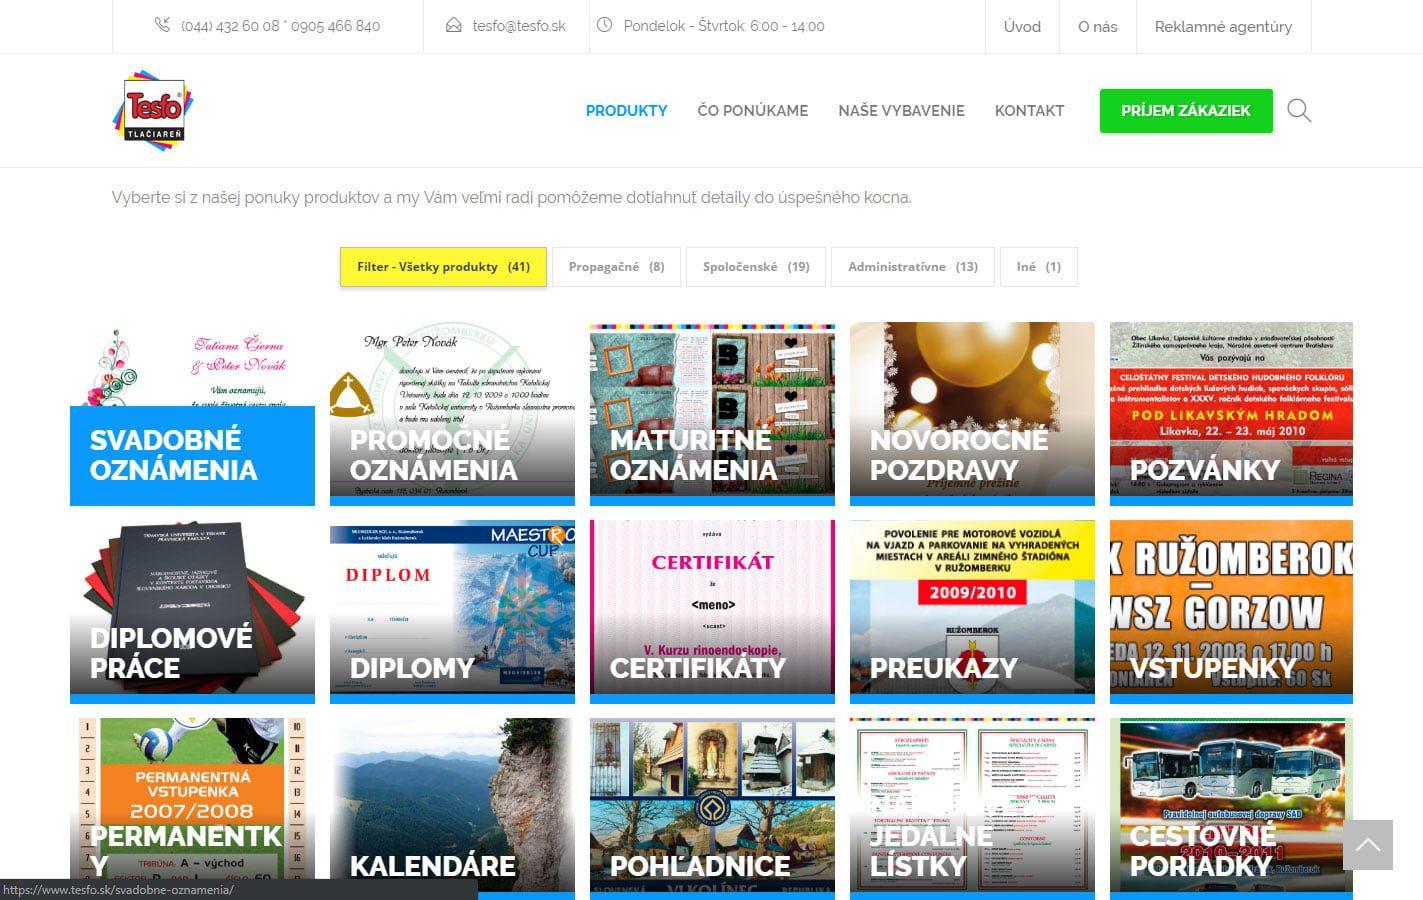 Tvorba web stránok, tvorba eshopu, SEO optimalizácia - www.tesfo.sk